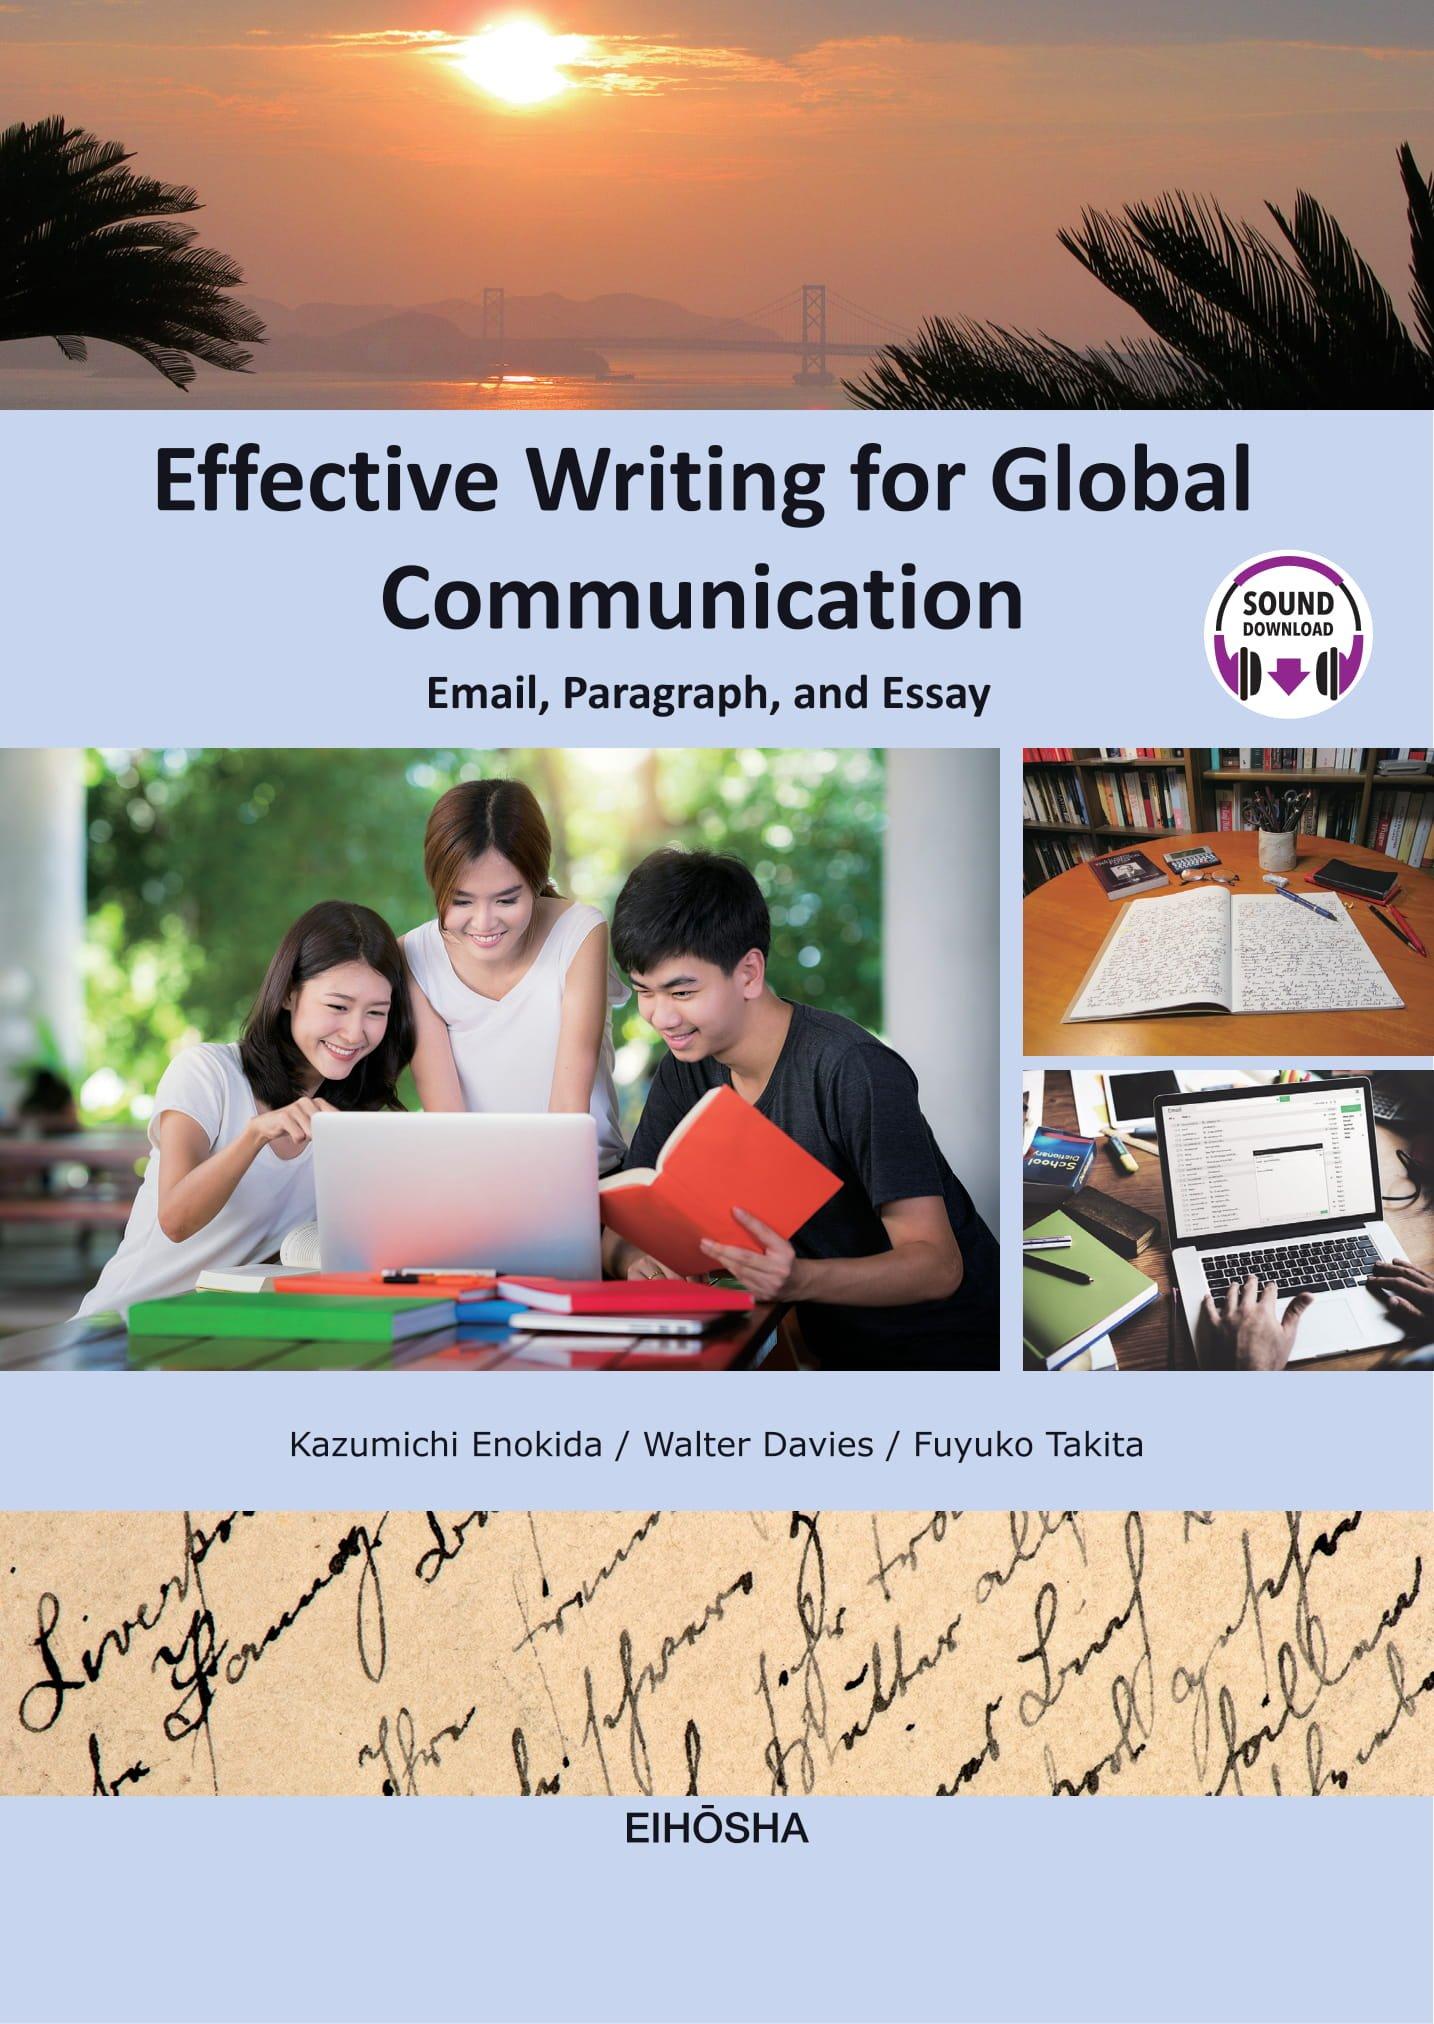 グローバル・コミュニケーションのためのライティング  ―Eメール・パラグラフ・エッセイ